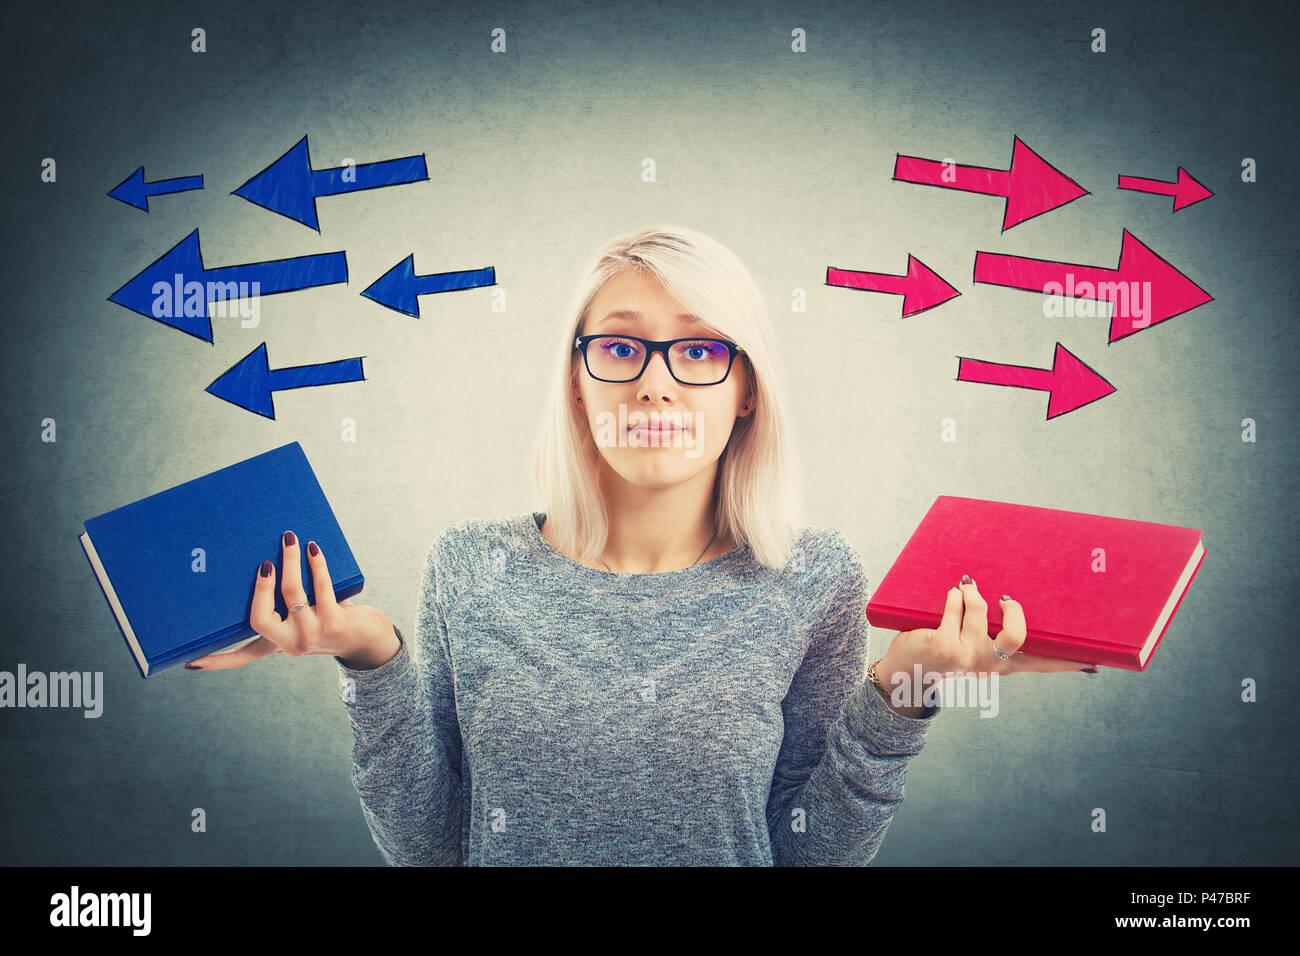 Confuso giovane donna scegliendo tra due libri, rosso e blu con le frecce poinded a sinistra e a destra. Decisione difficile, il concetto di istruzione, Immagini Stock